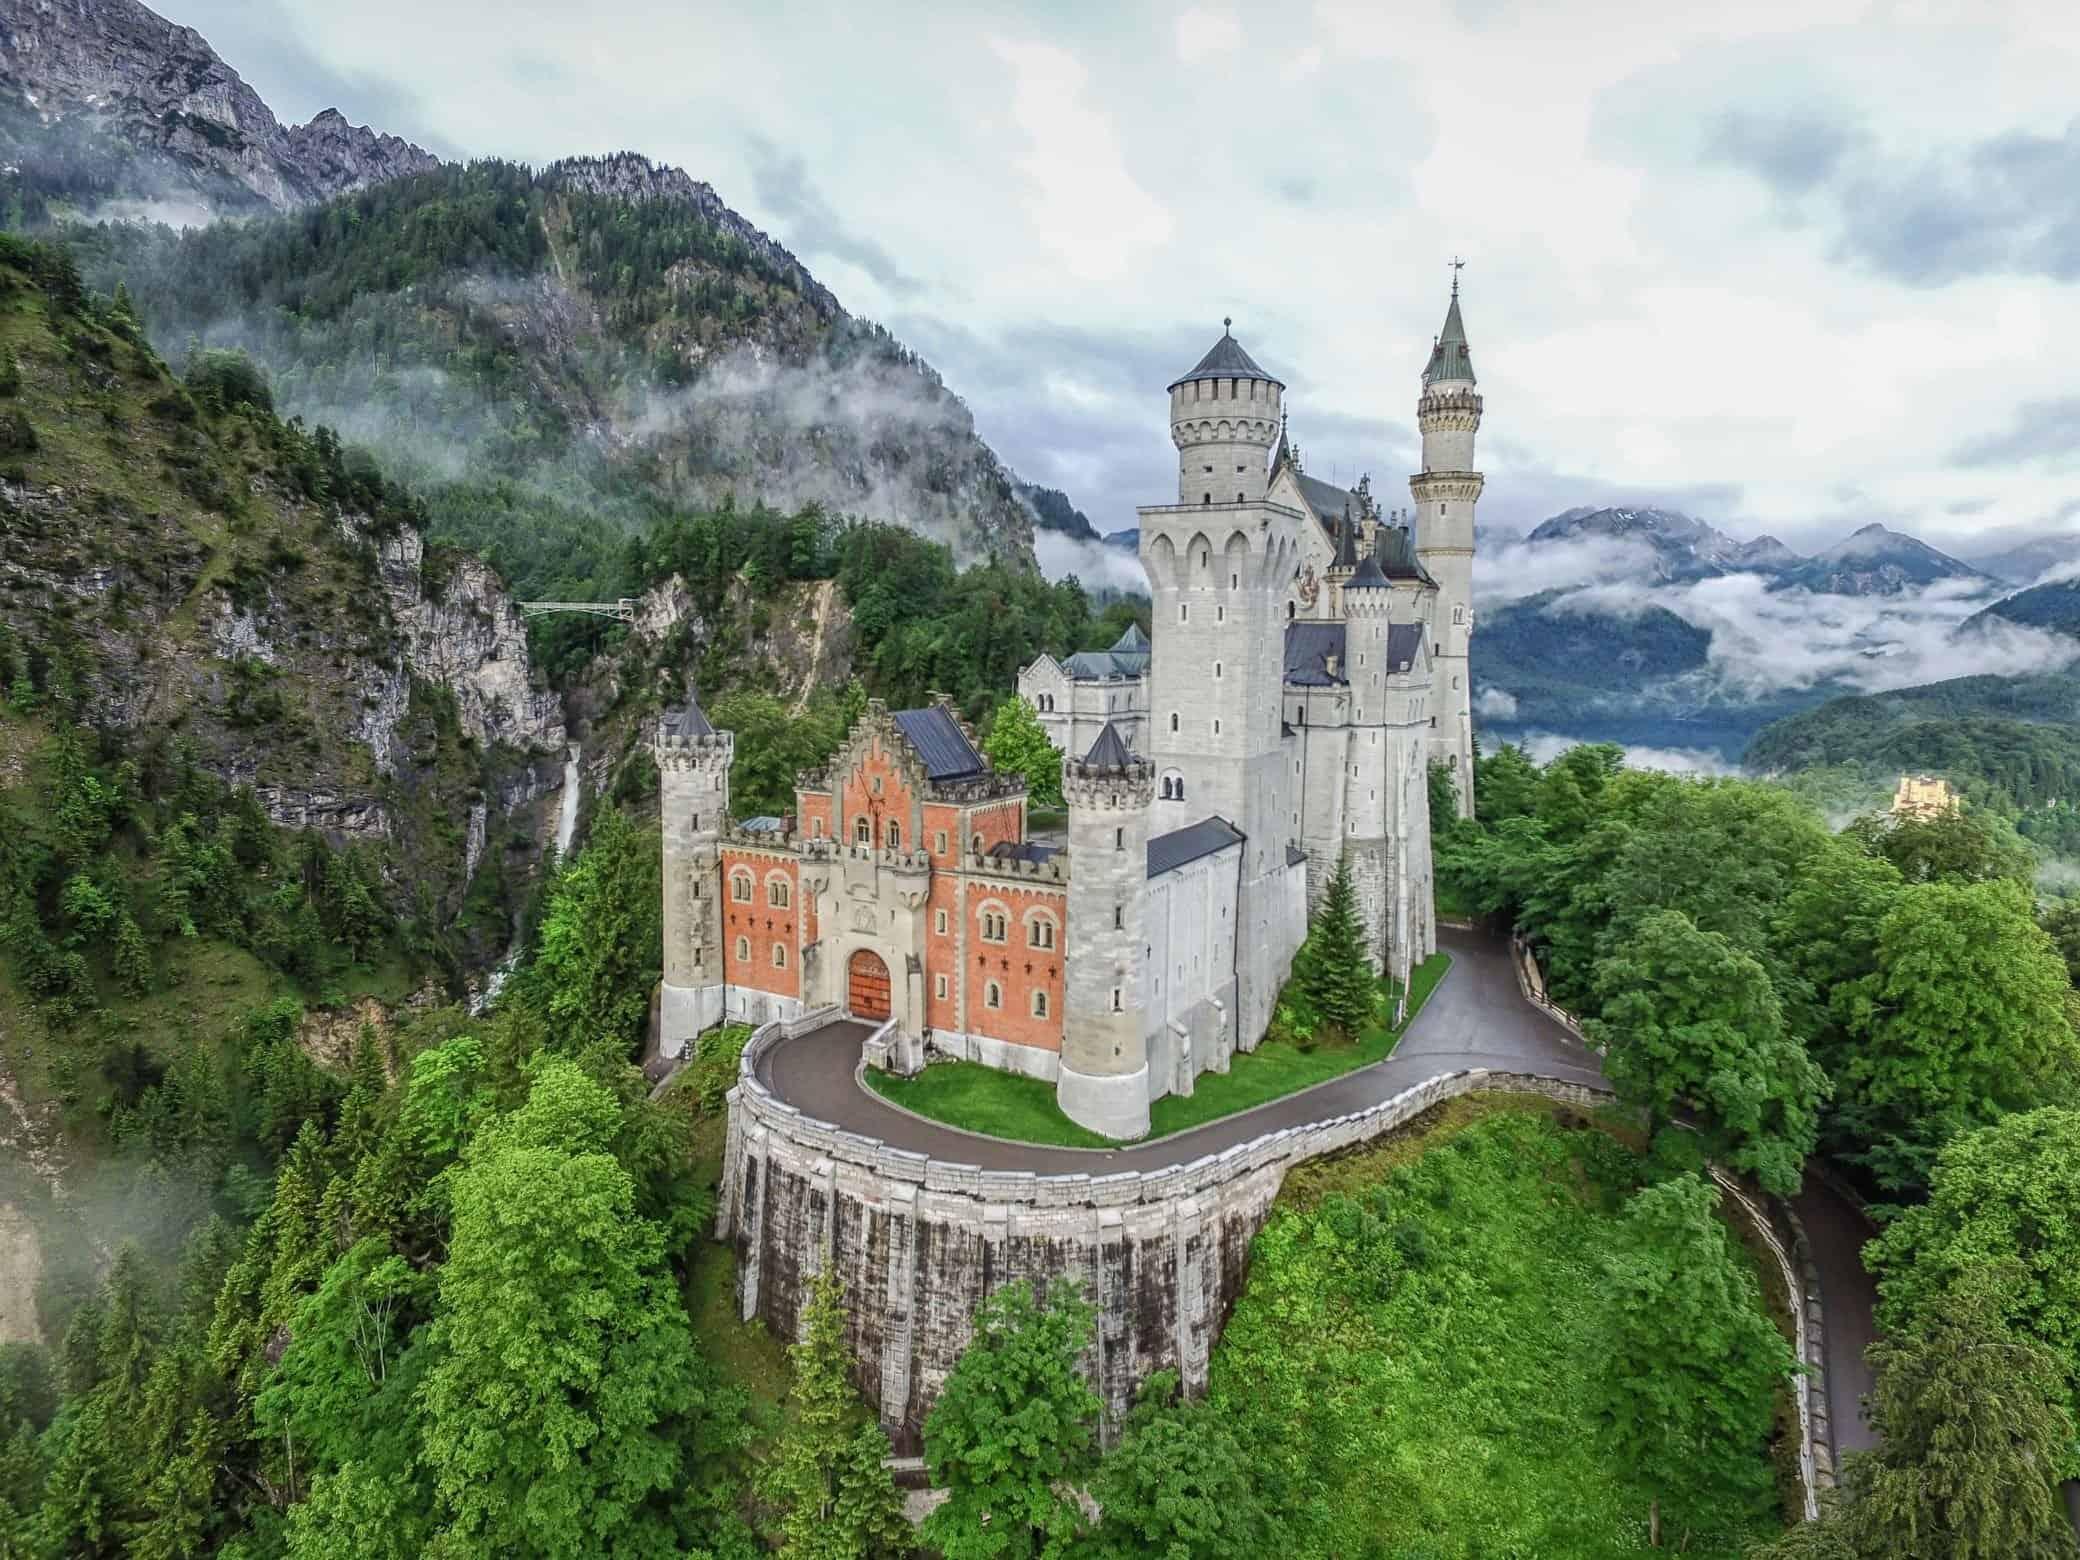 How To Visit Neuschwanstein Castle From Munich Divergent